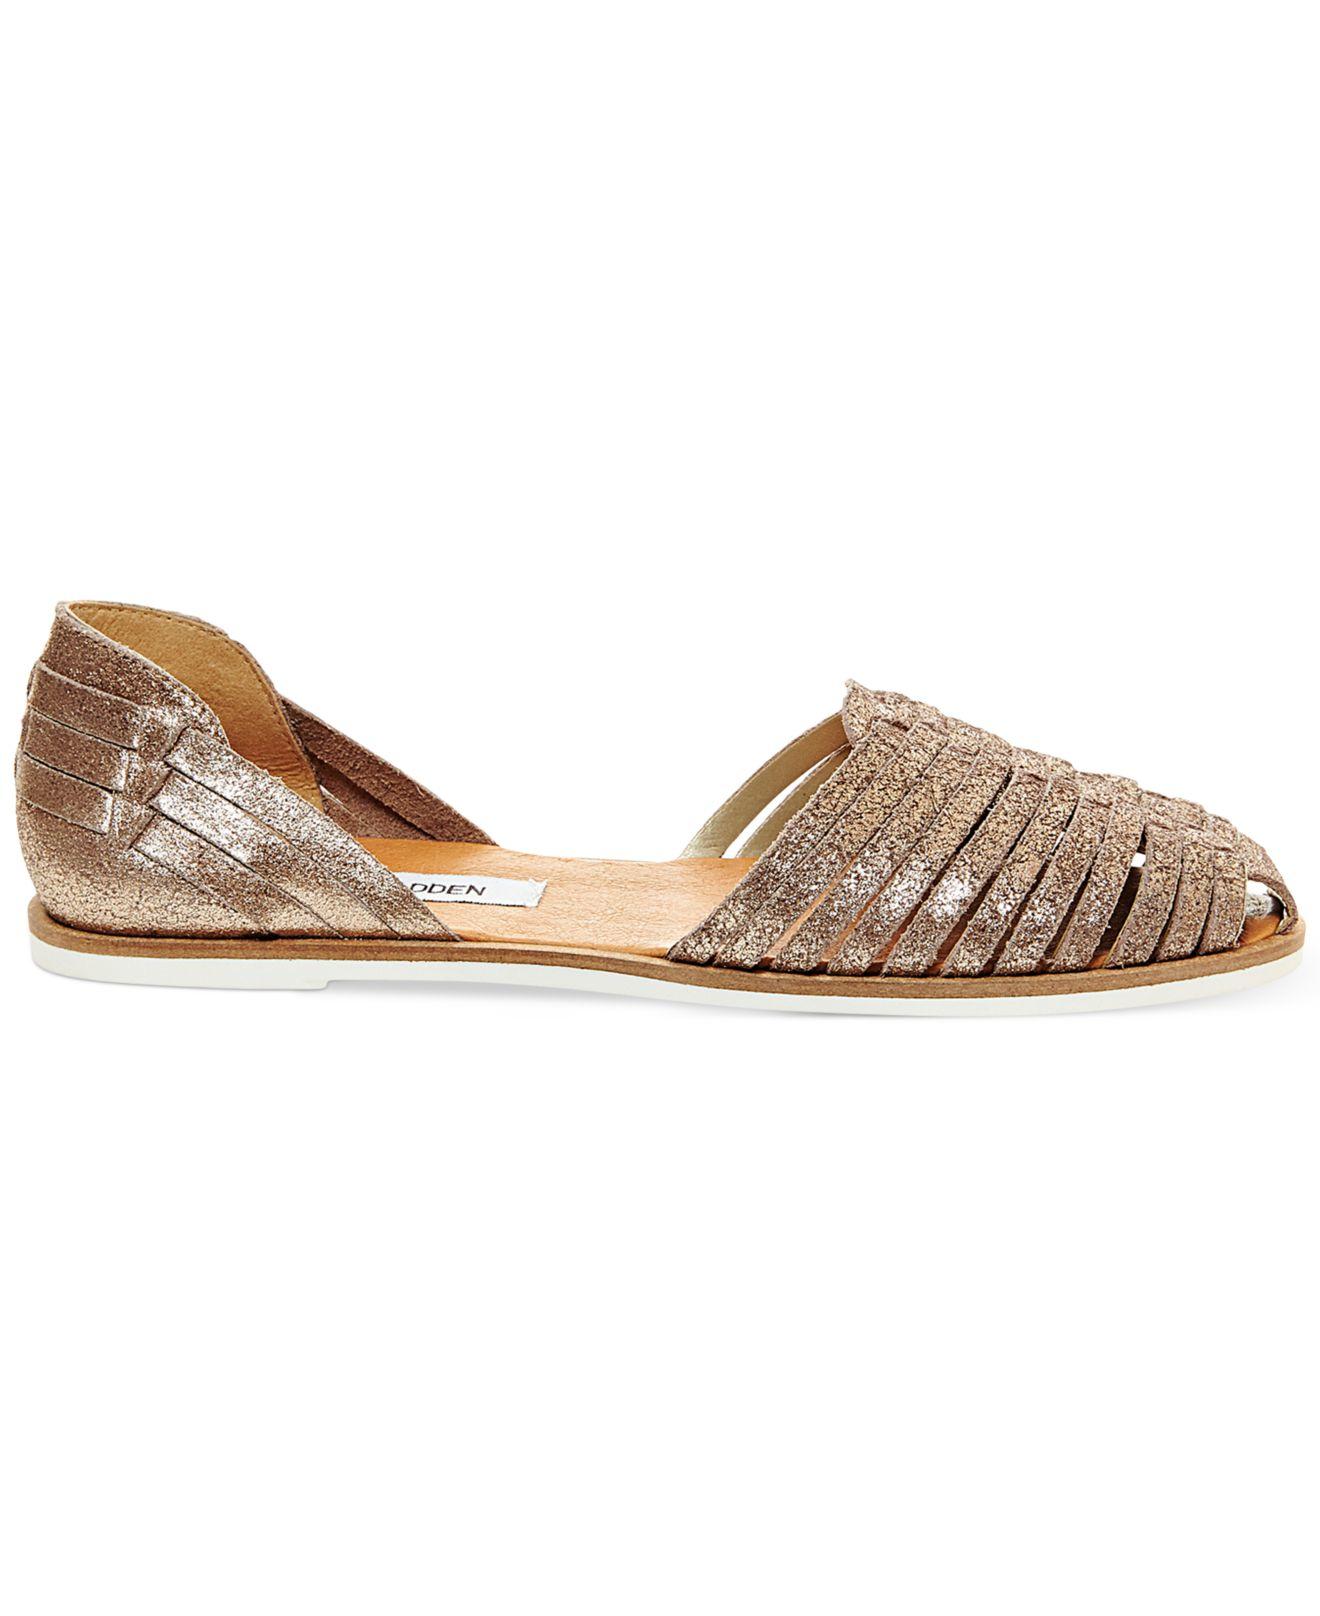 85d54a9f915 Steve Madden Metallic Women's Hillarie Huarache Slip-on Sandals